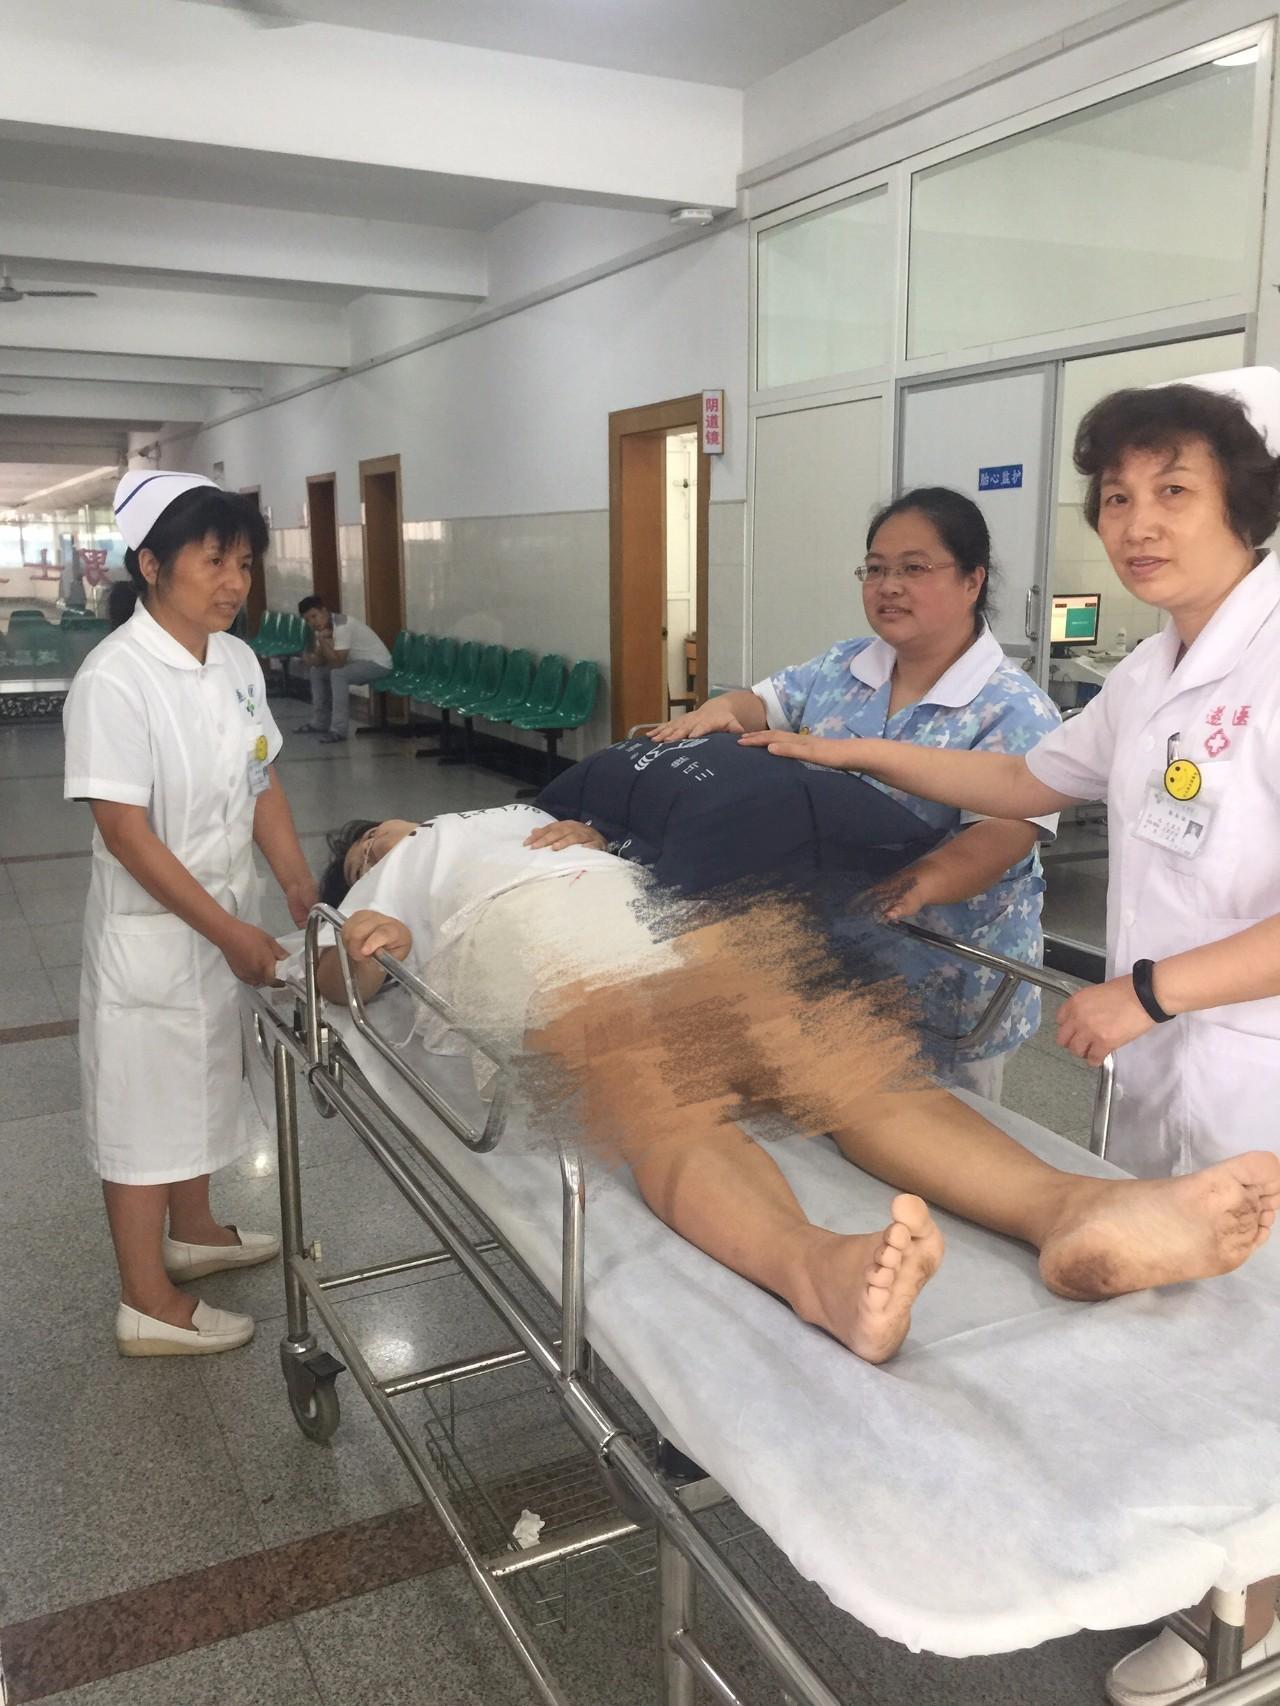 丽水一孕妇喊肚子疼,一查竟医生吓坏了